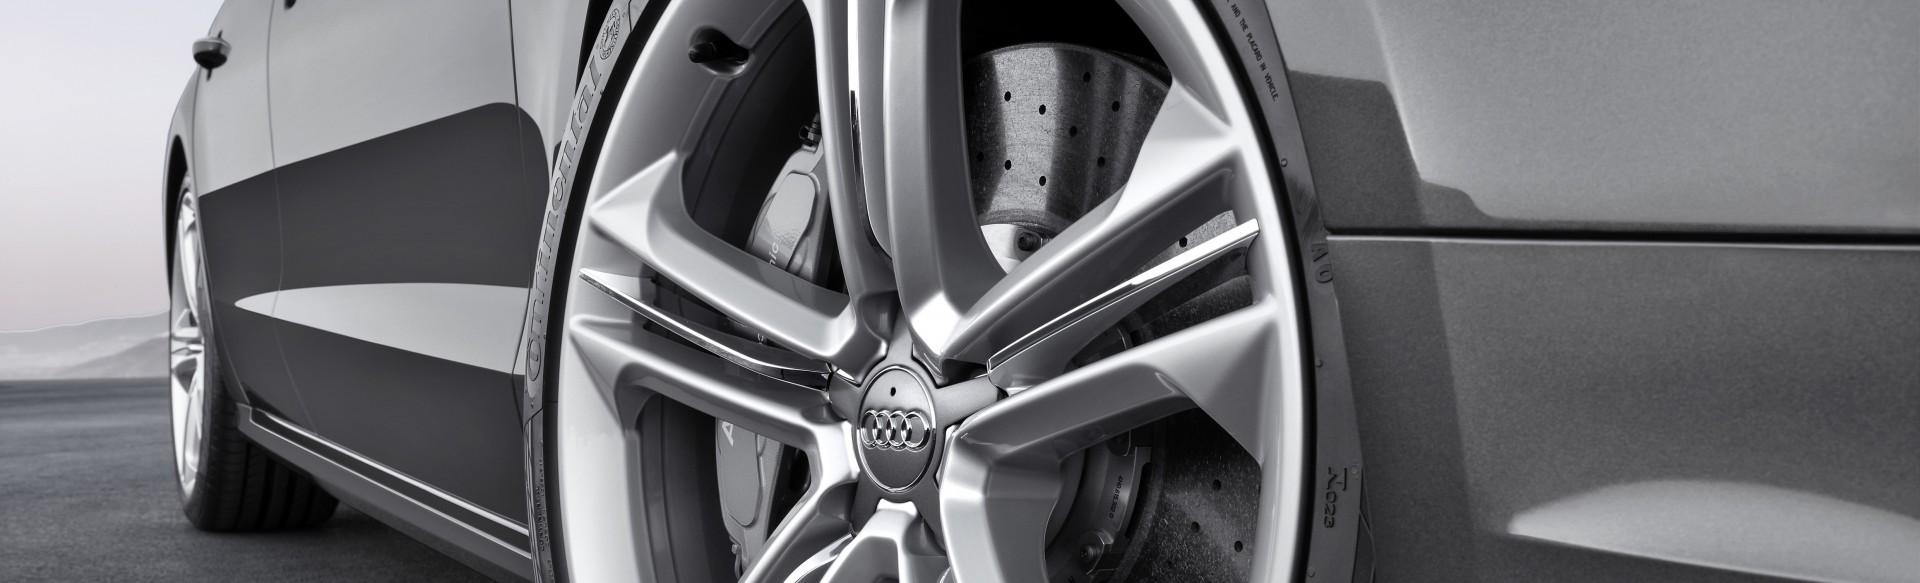 Audi Winterräder gebraucht